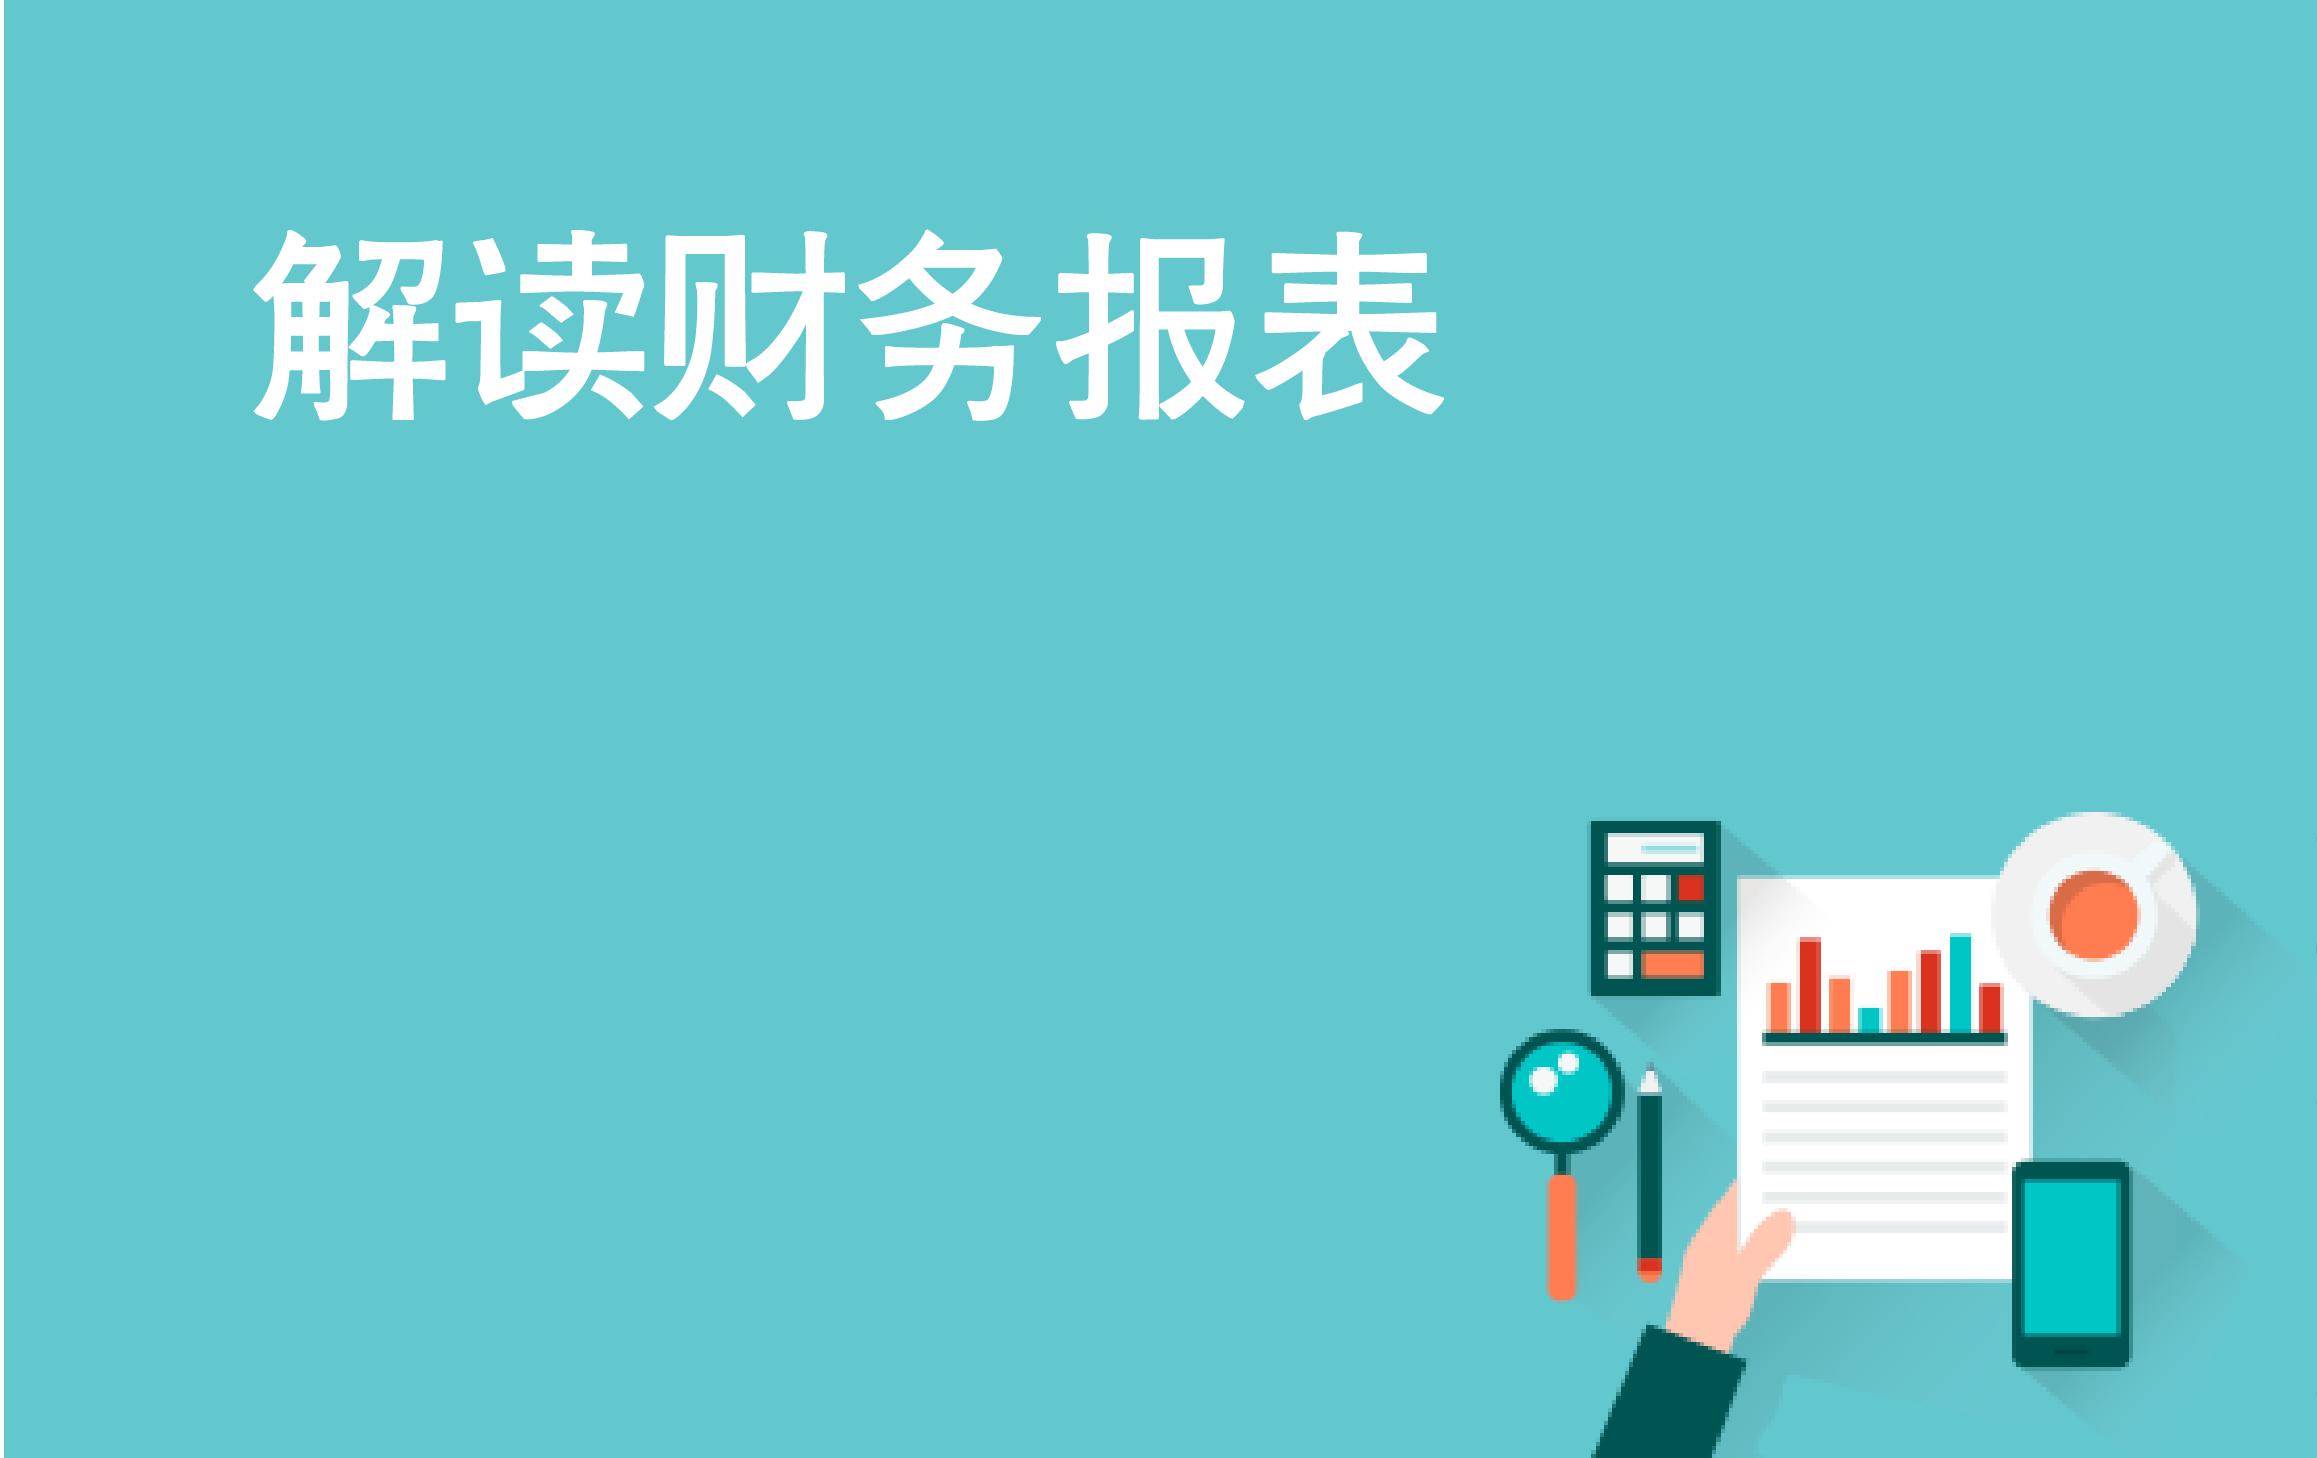 如何從財務數據中讀出企業商業模式